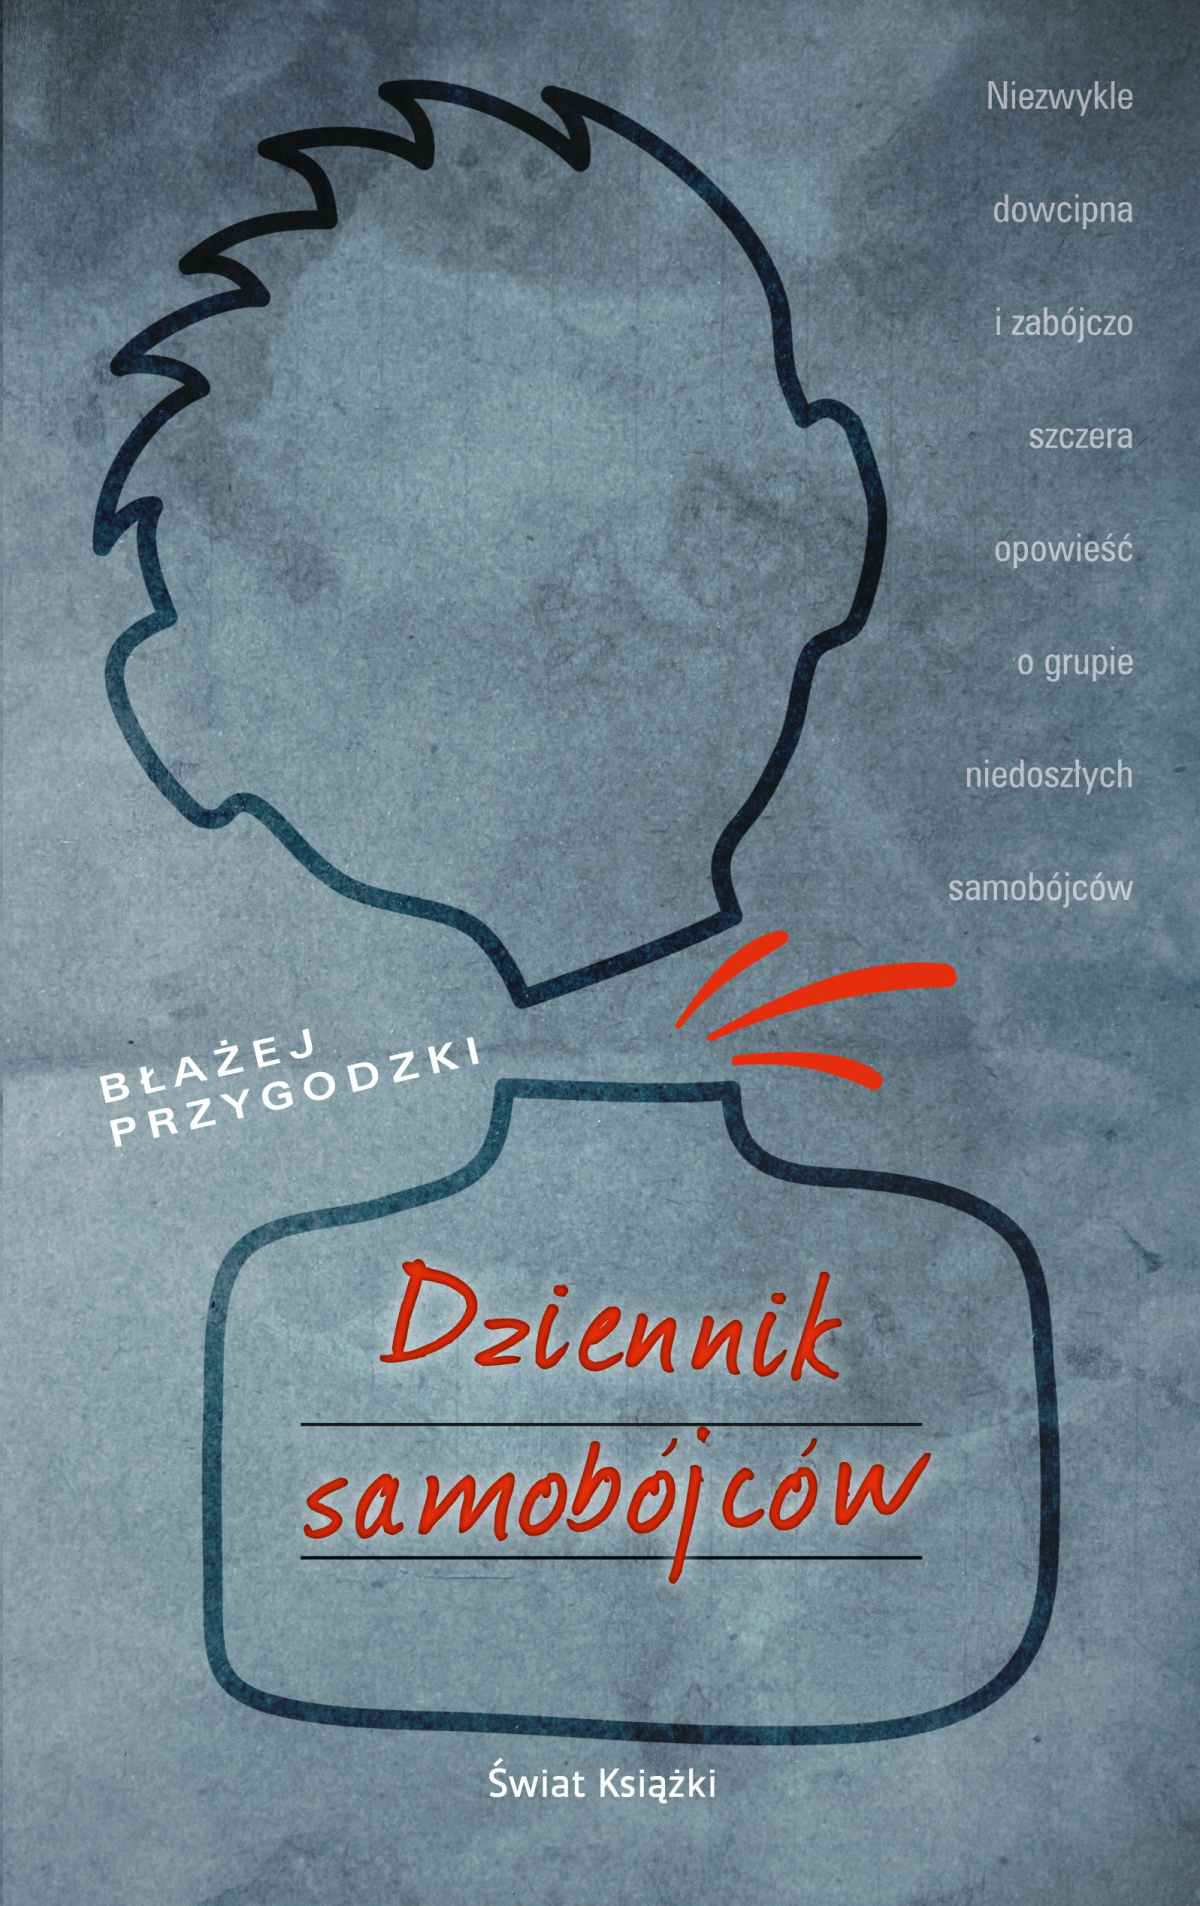 Dziennik samobójców - Ebook (Książka na Kindle) do pobrania w formacie MOBI